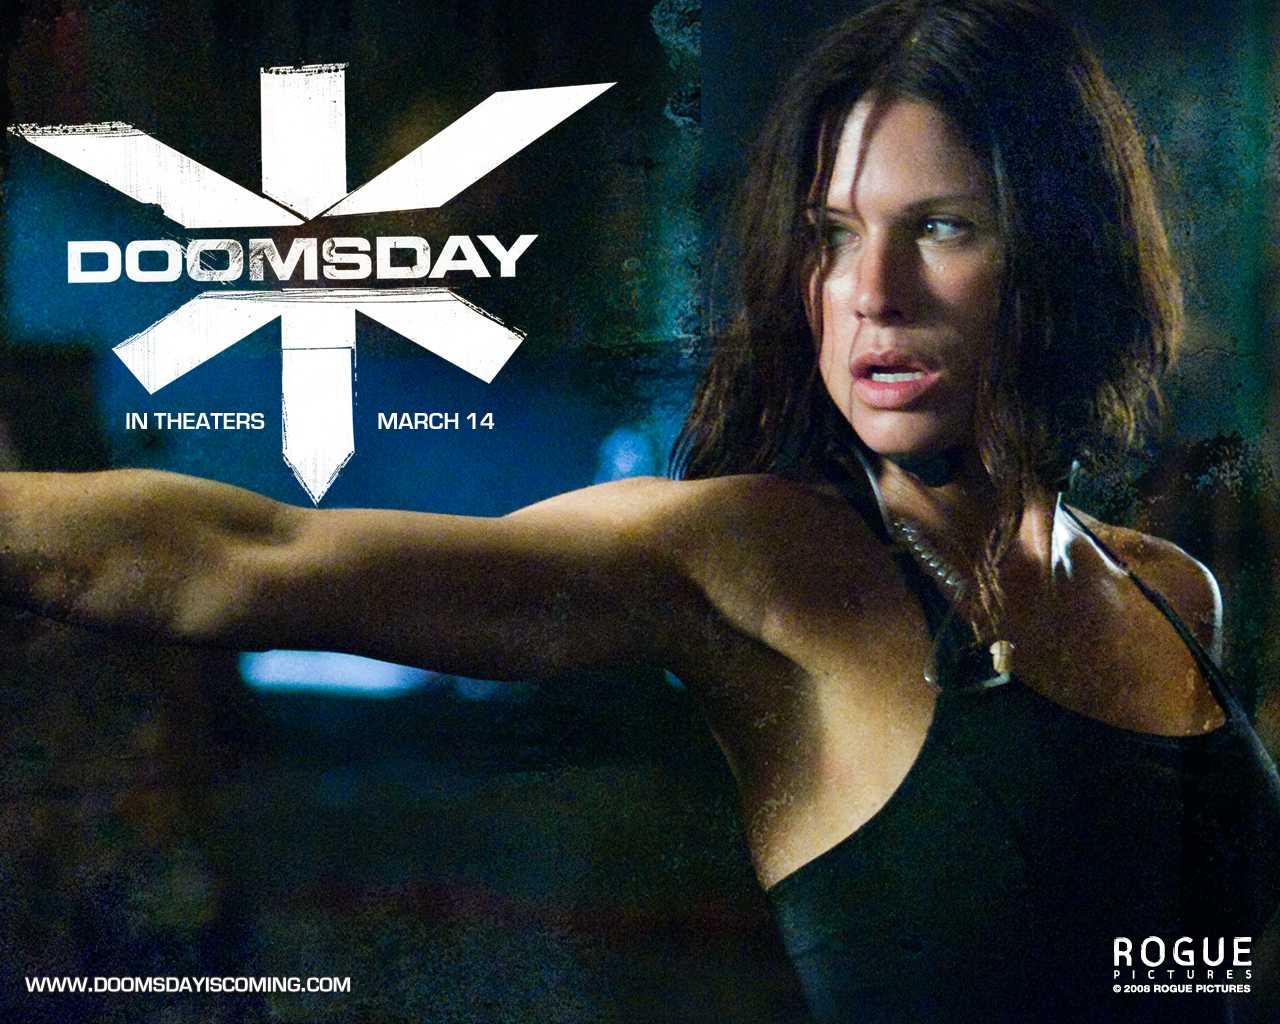 2008 doomsday wallpaper 003-1-